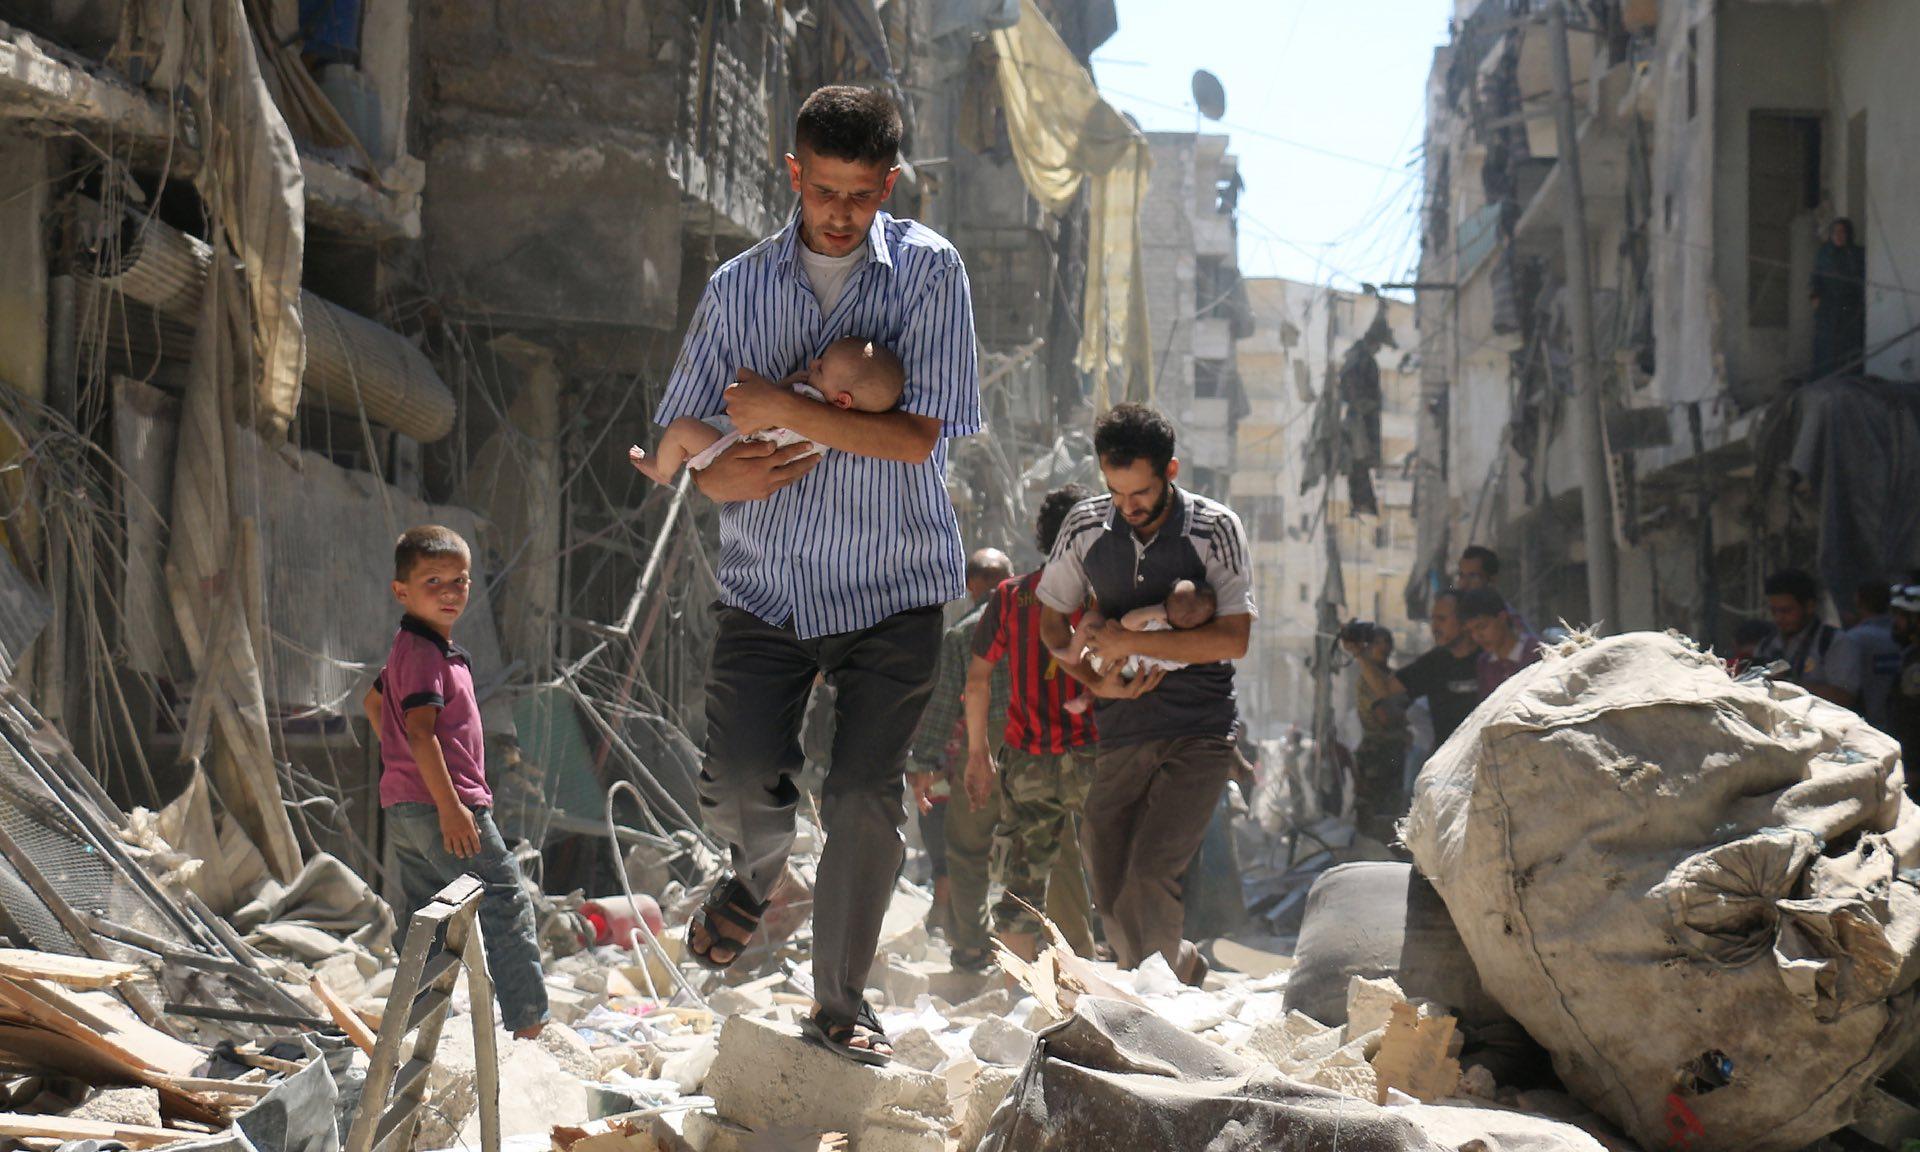 ©Ameer Alhalbi/AFP